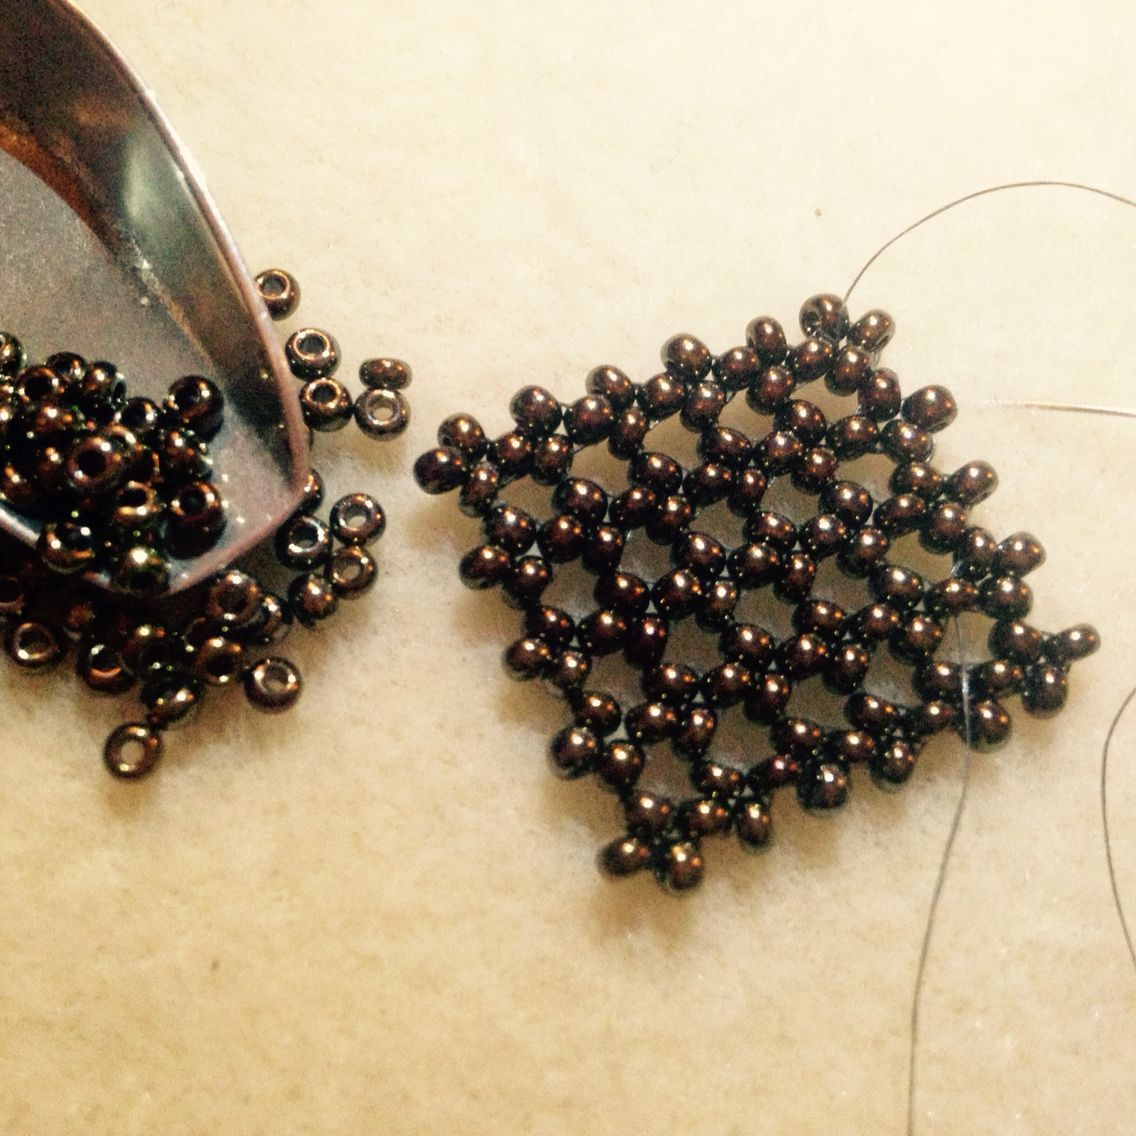 Hubble stitch | miçangas bijus | Pinterest | Perlen, Schmuck und Muster